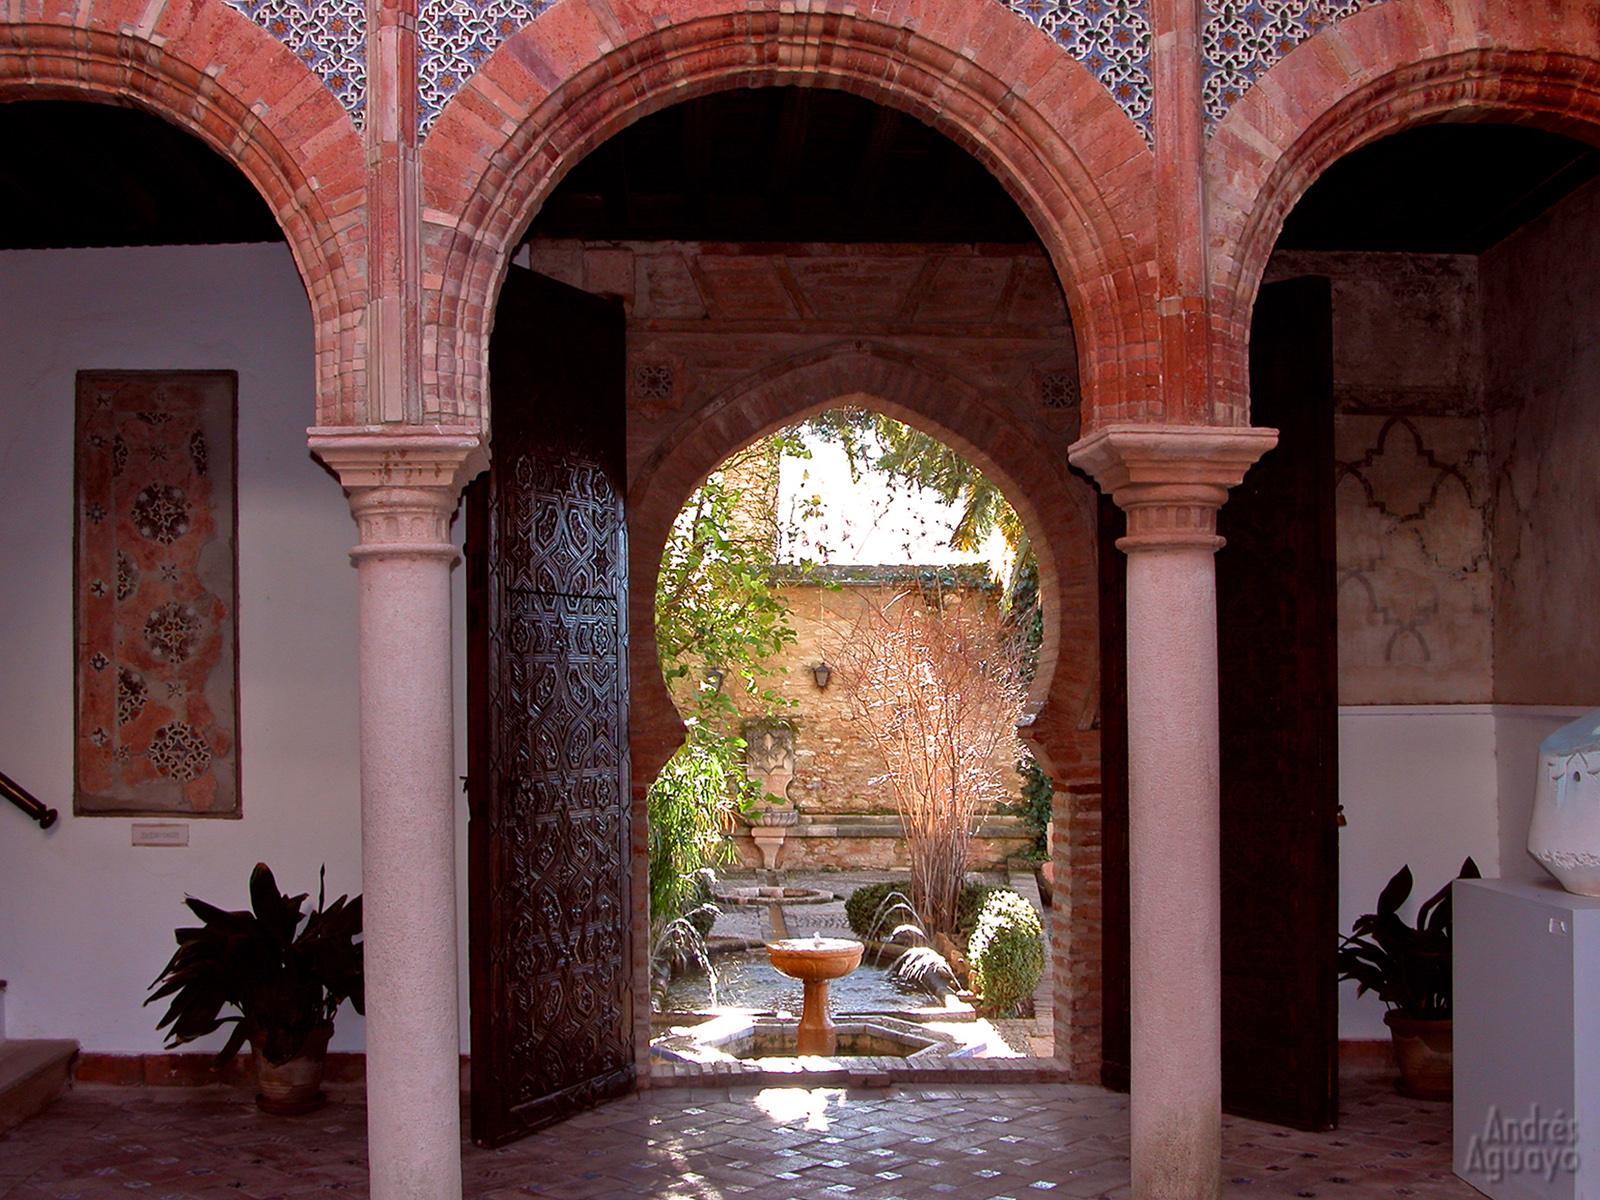 Baños Arabes Ronda Horario:APERTURA NOCTURNA DEL PALACIO DE MONDRAGÓN Y BAÑOS ÁRABES DE RONDA